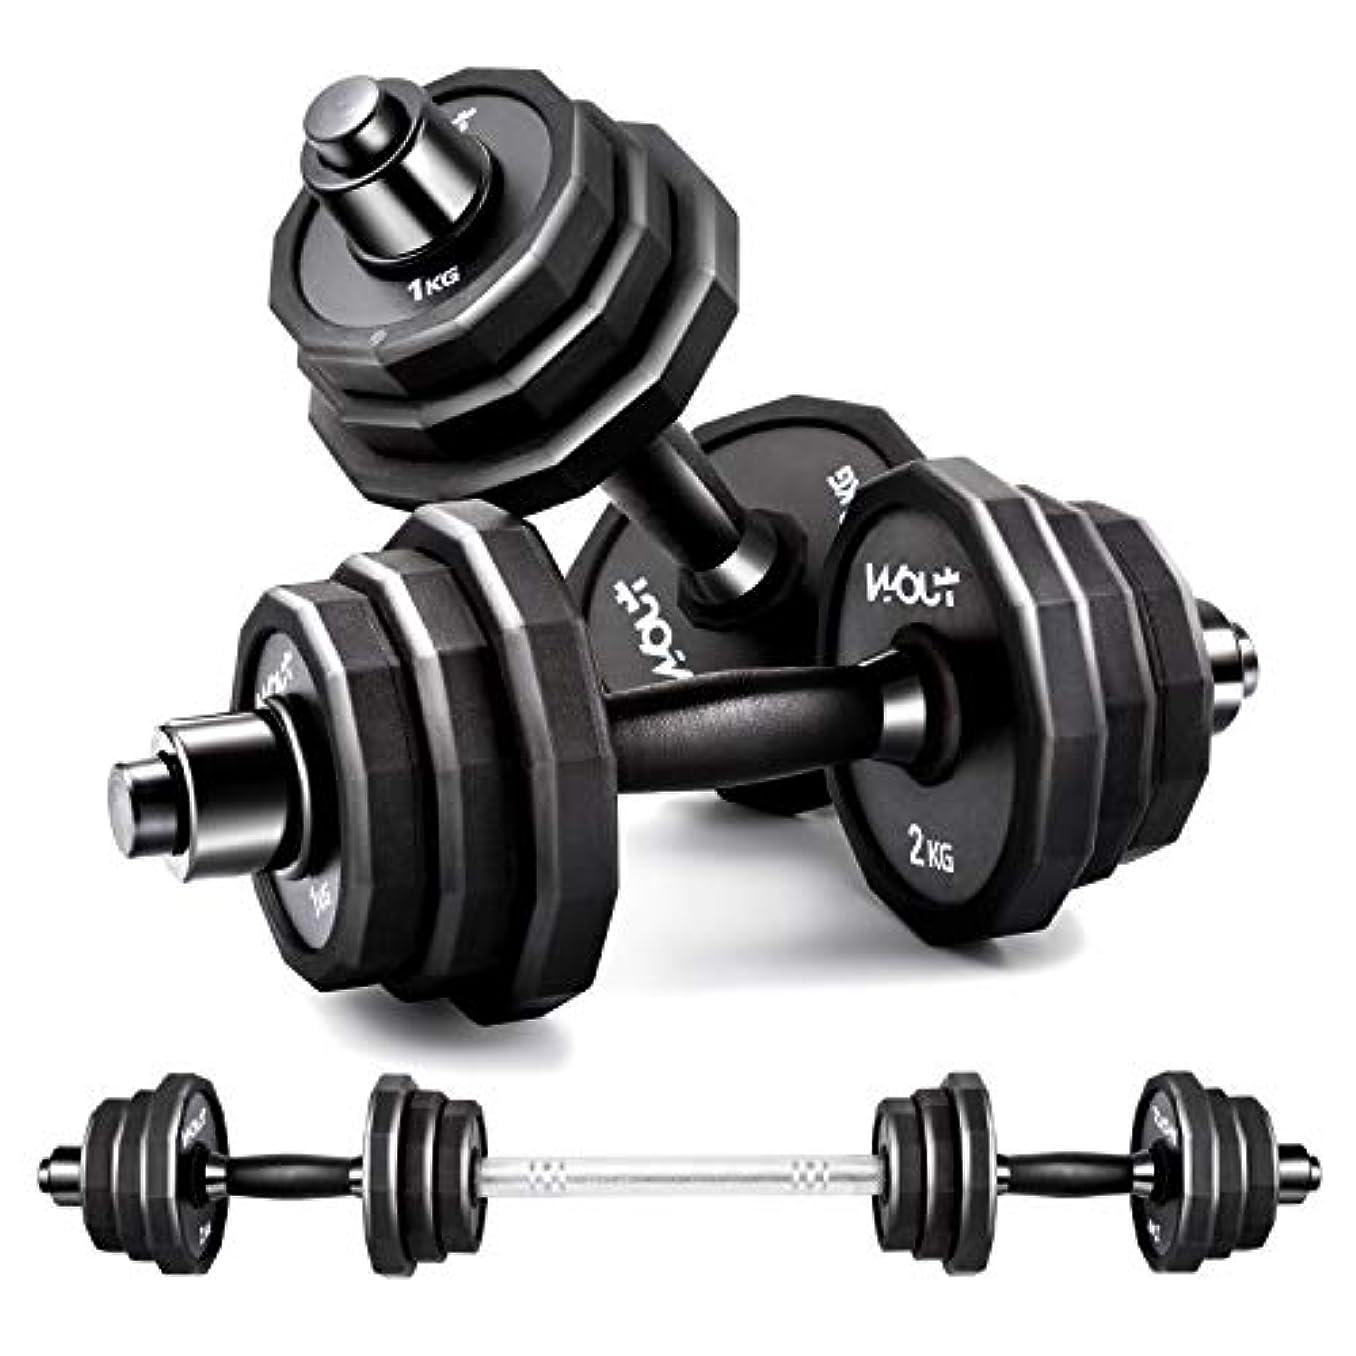 耐える失望させる取り消すダンベル 【スチール製】 10kg 15kg 20kg 2個セット (Wout) バーベル 鉄アレイ 筋トレ ウェイトトレーニング